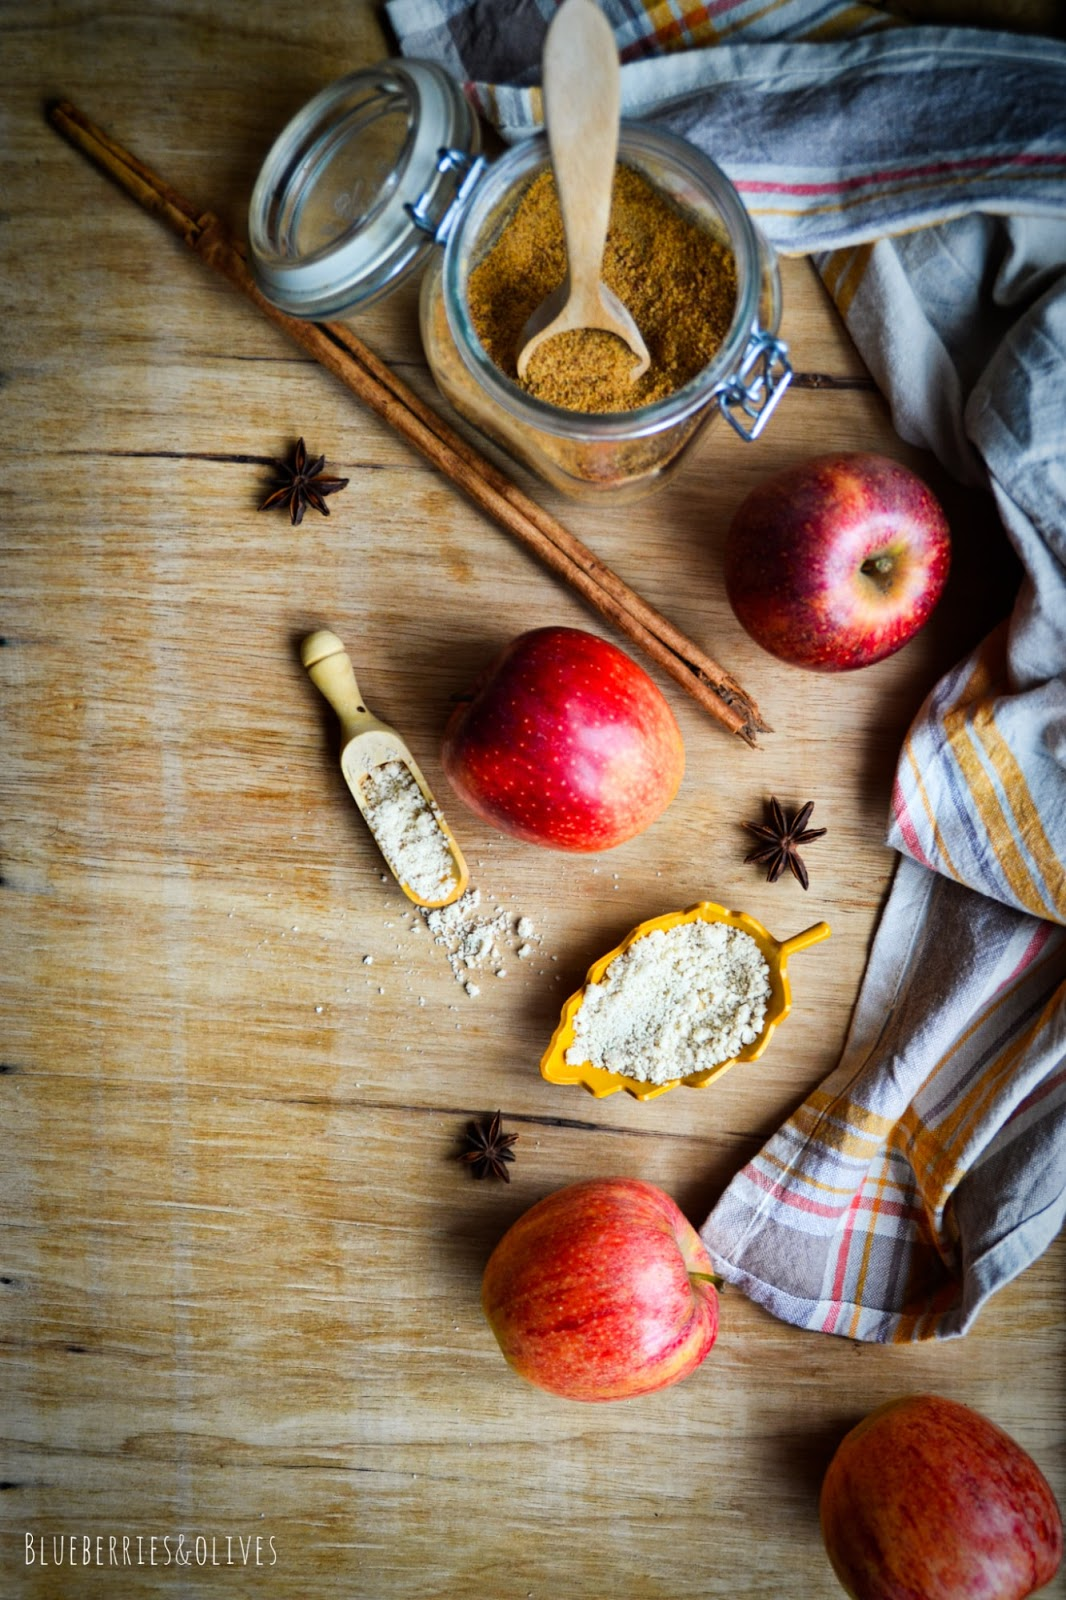 Ingredientes galletas caseras manzana y coco, harina, ramas canela, azúcar de coco, anís estrellado, manzanas rojas sobre madera antigua, trapo de cocina